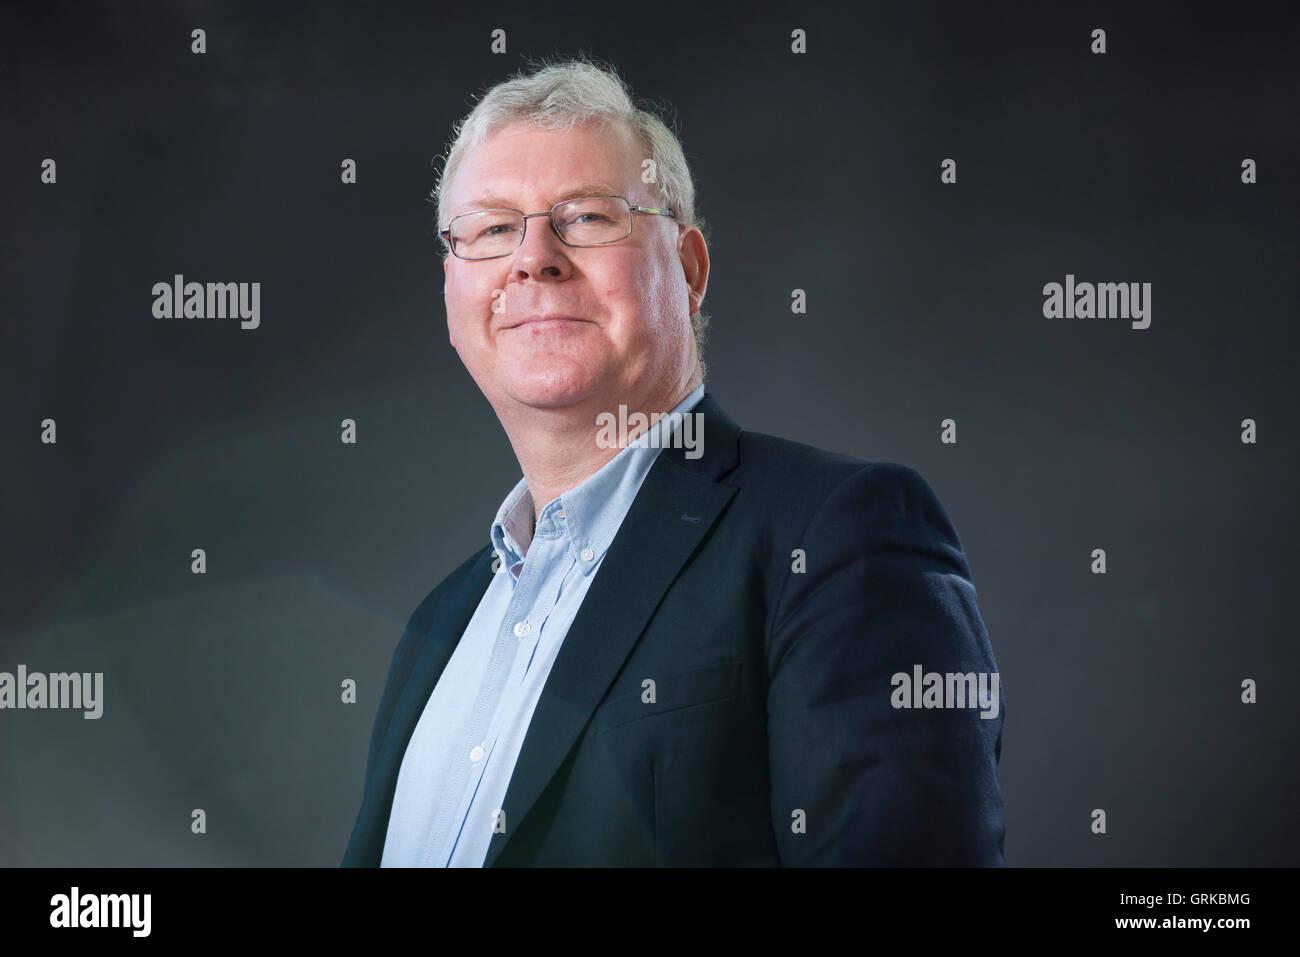 Englische Wissenschaftler an der University of Wolverhampton und militärischen Historiker Gary Sheffield. Stockbild